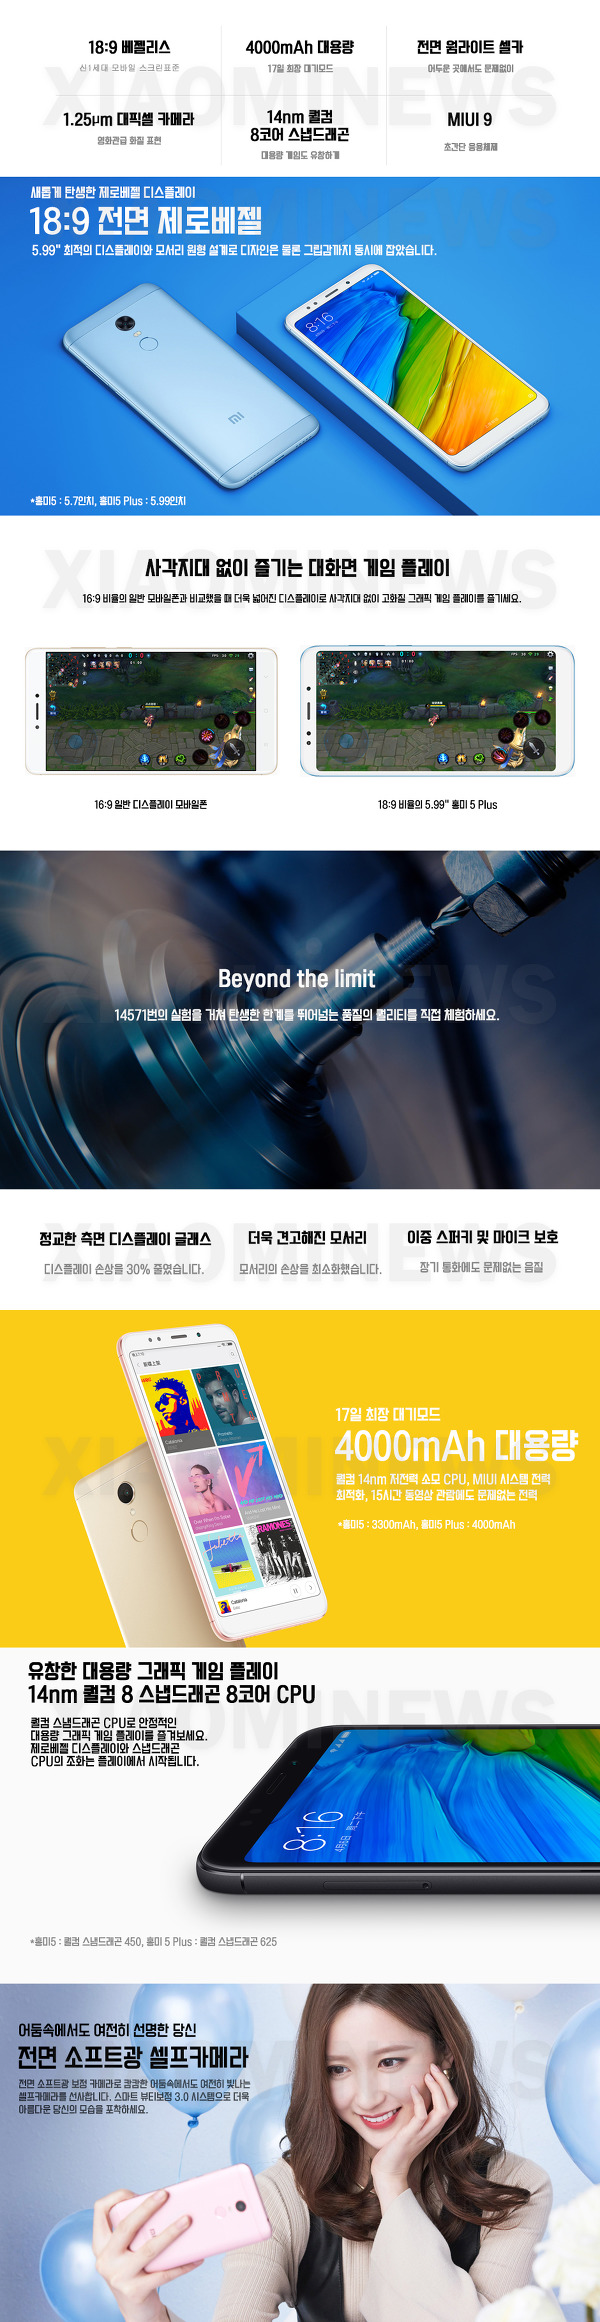 샤오미 홍미5 플러스 & 홍미5 직구 최저가! 공식글로벌롬! 샤오미 스마트폰 구매 후기